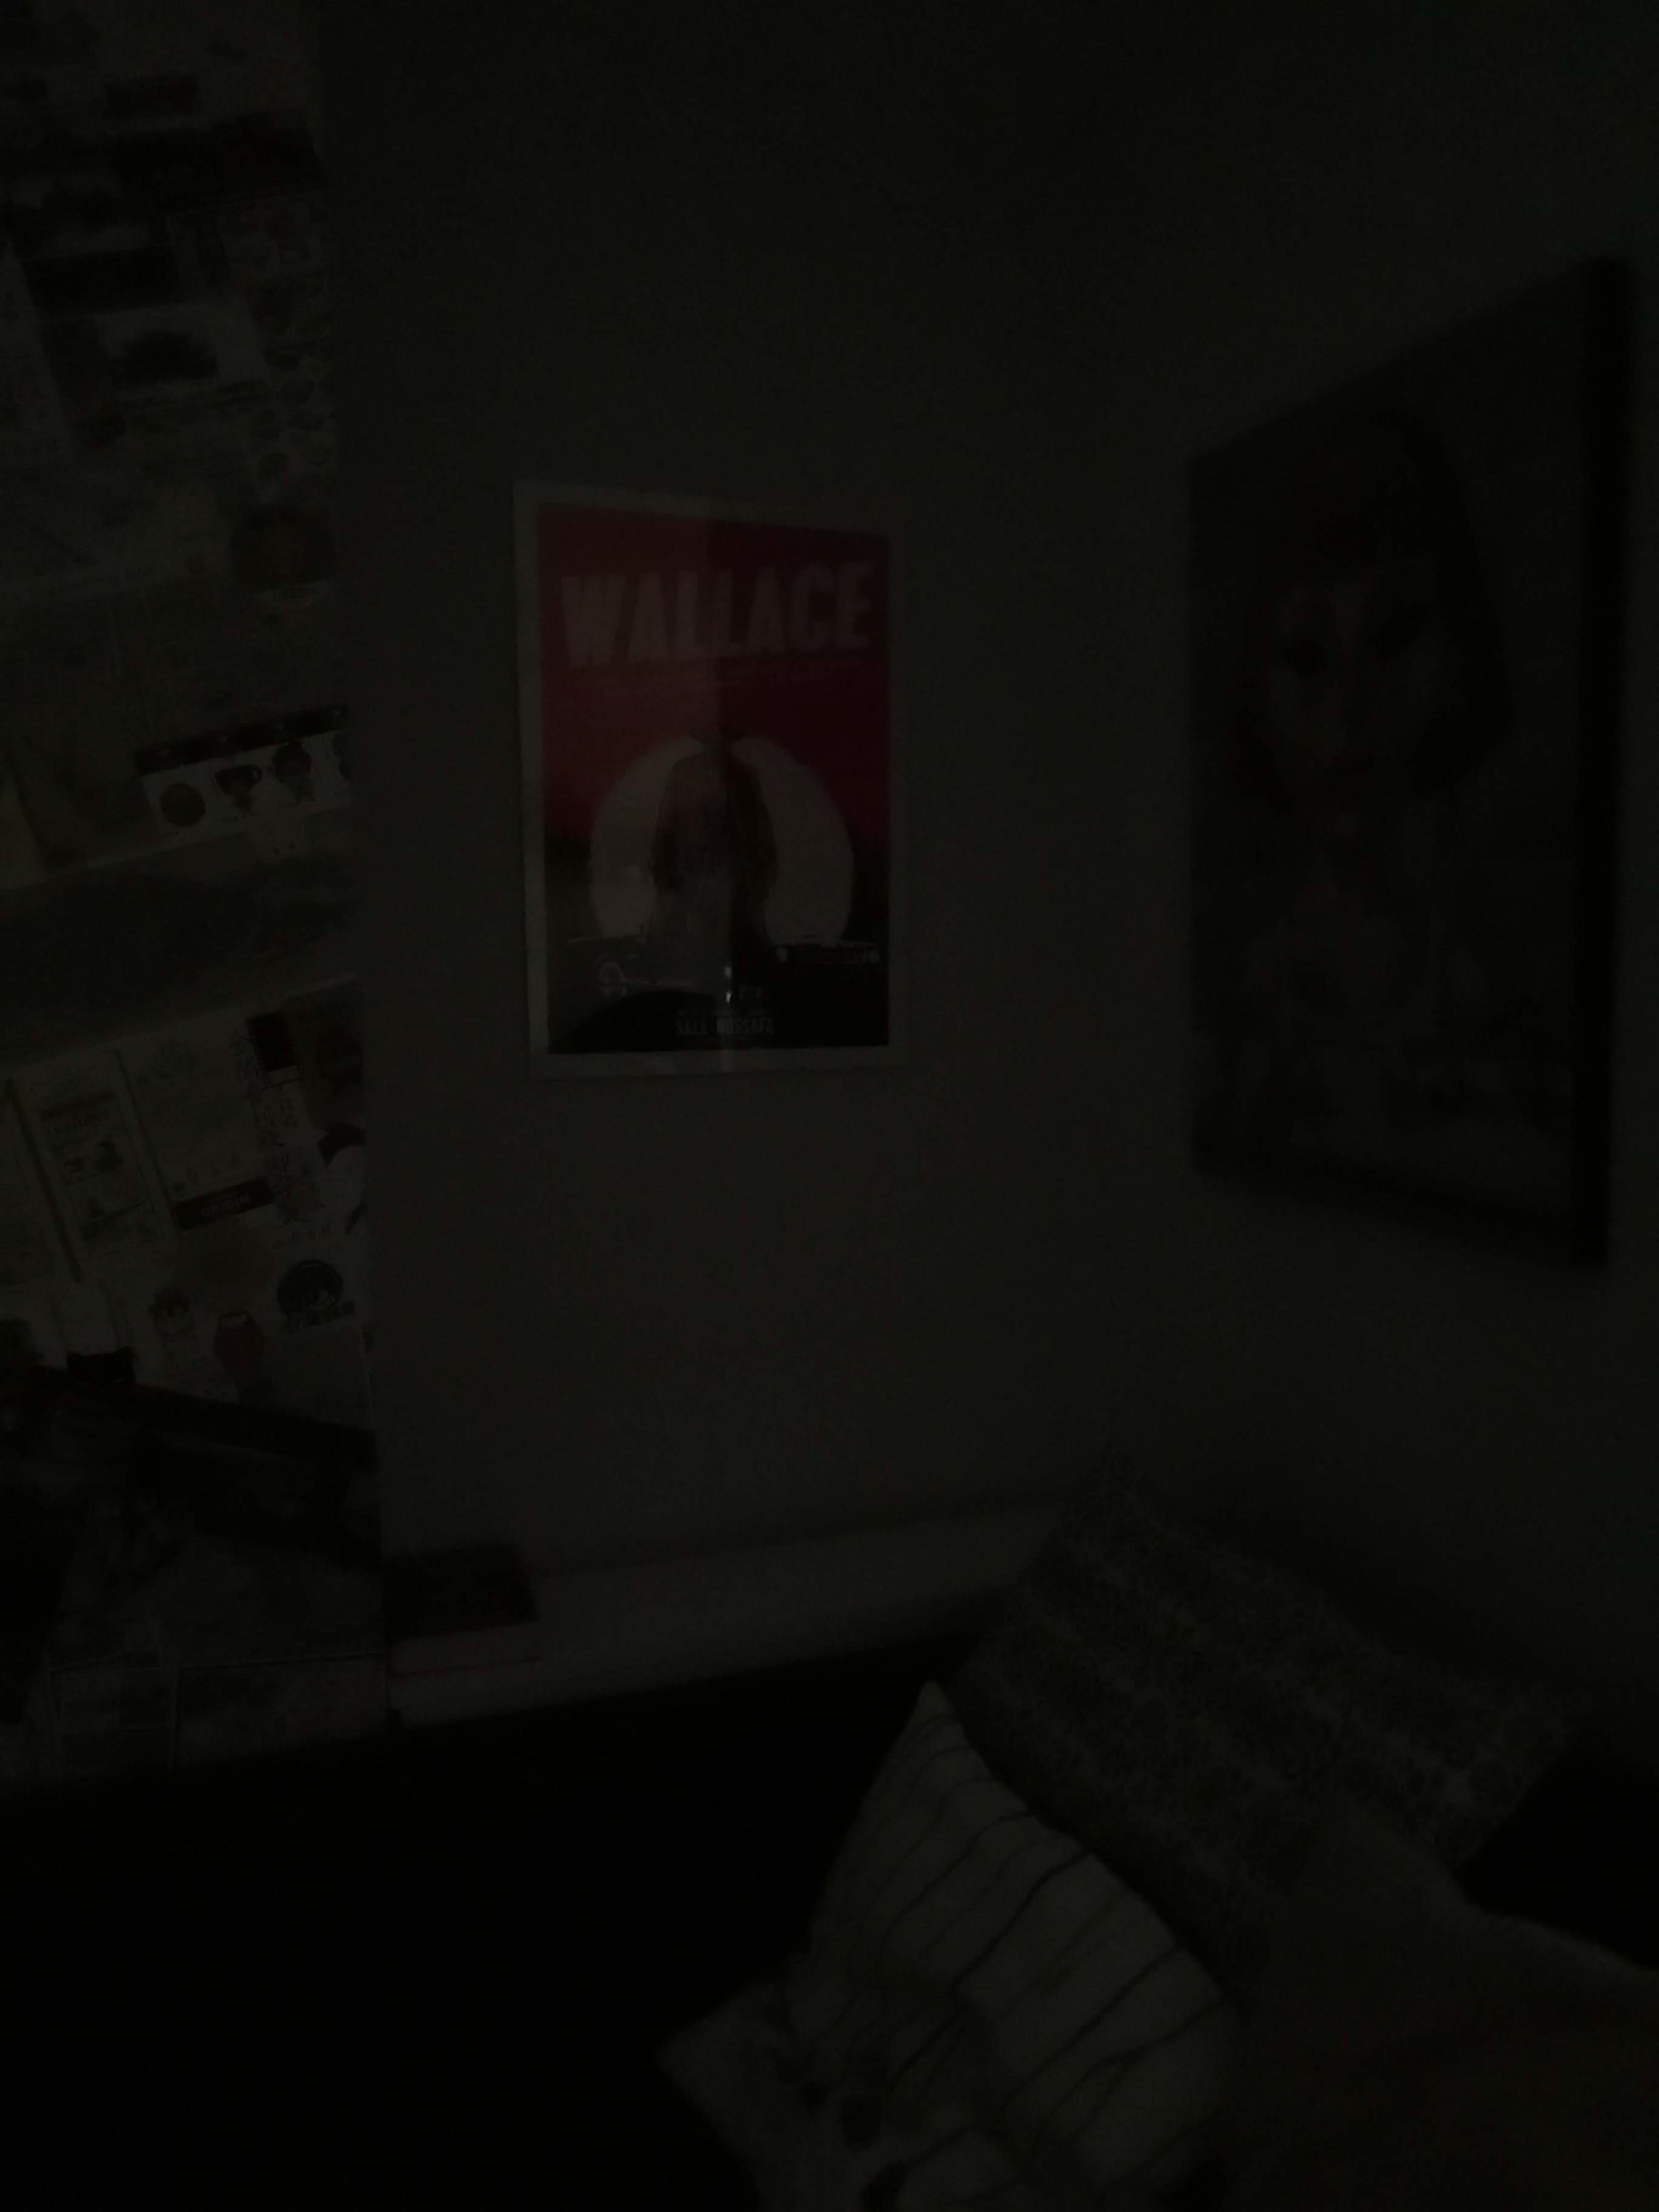 Fotos tomadas con el modo noche del HUawei Mate 20 Pro